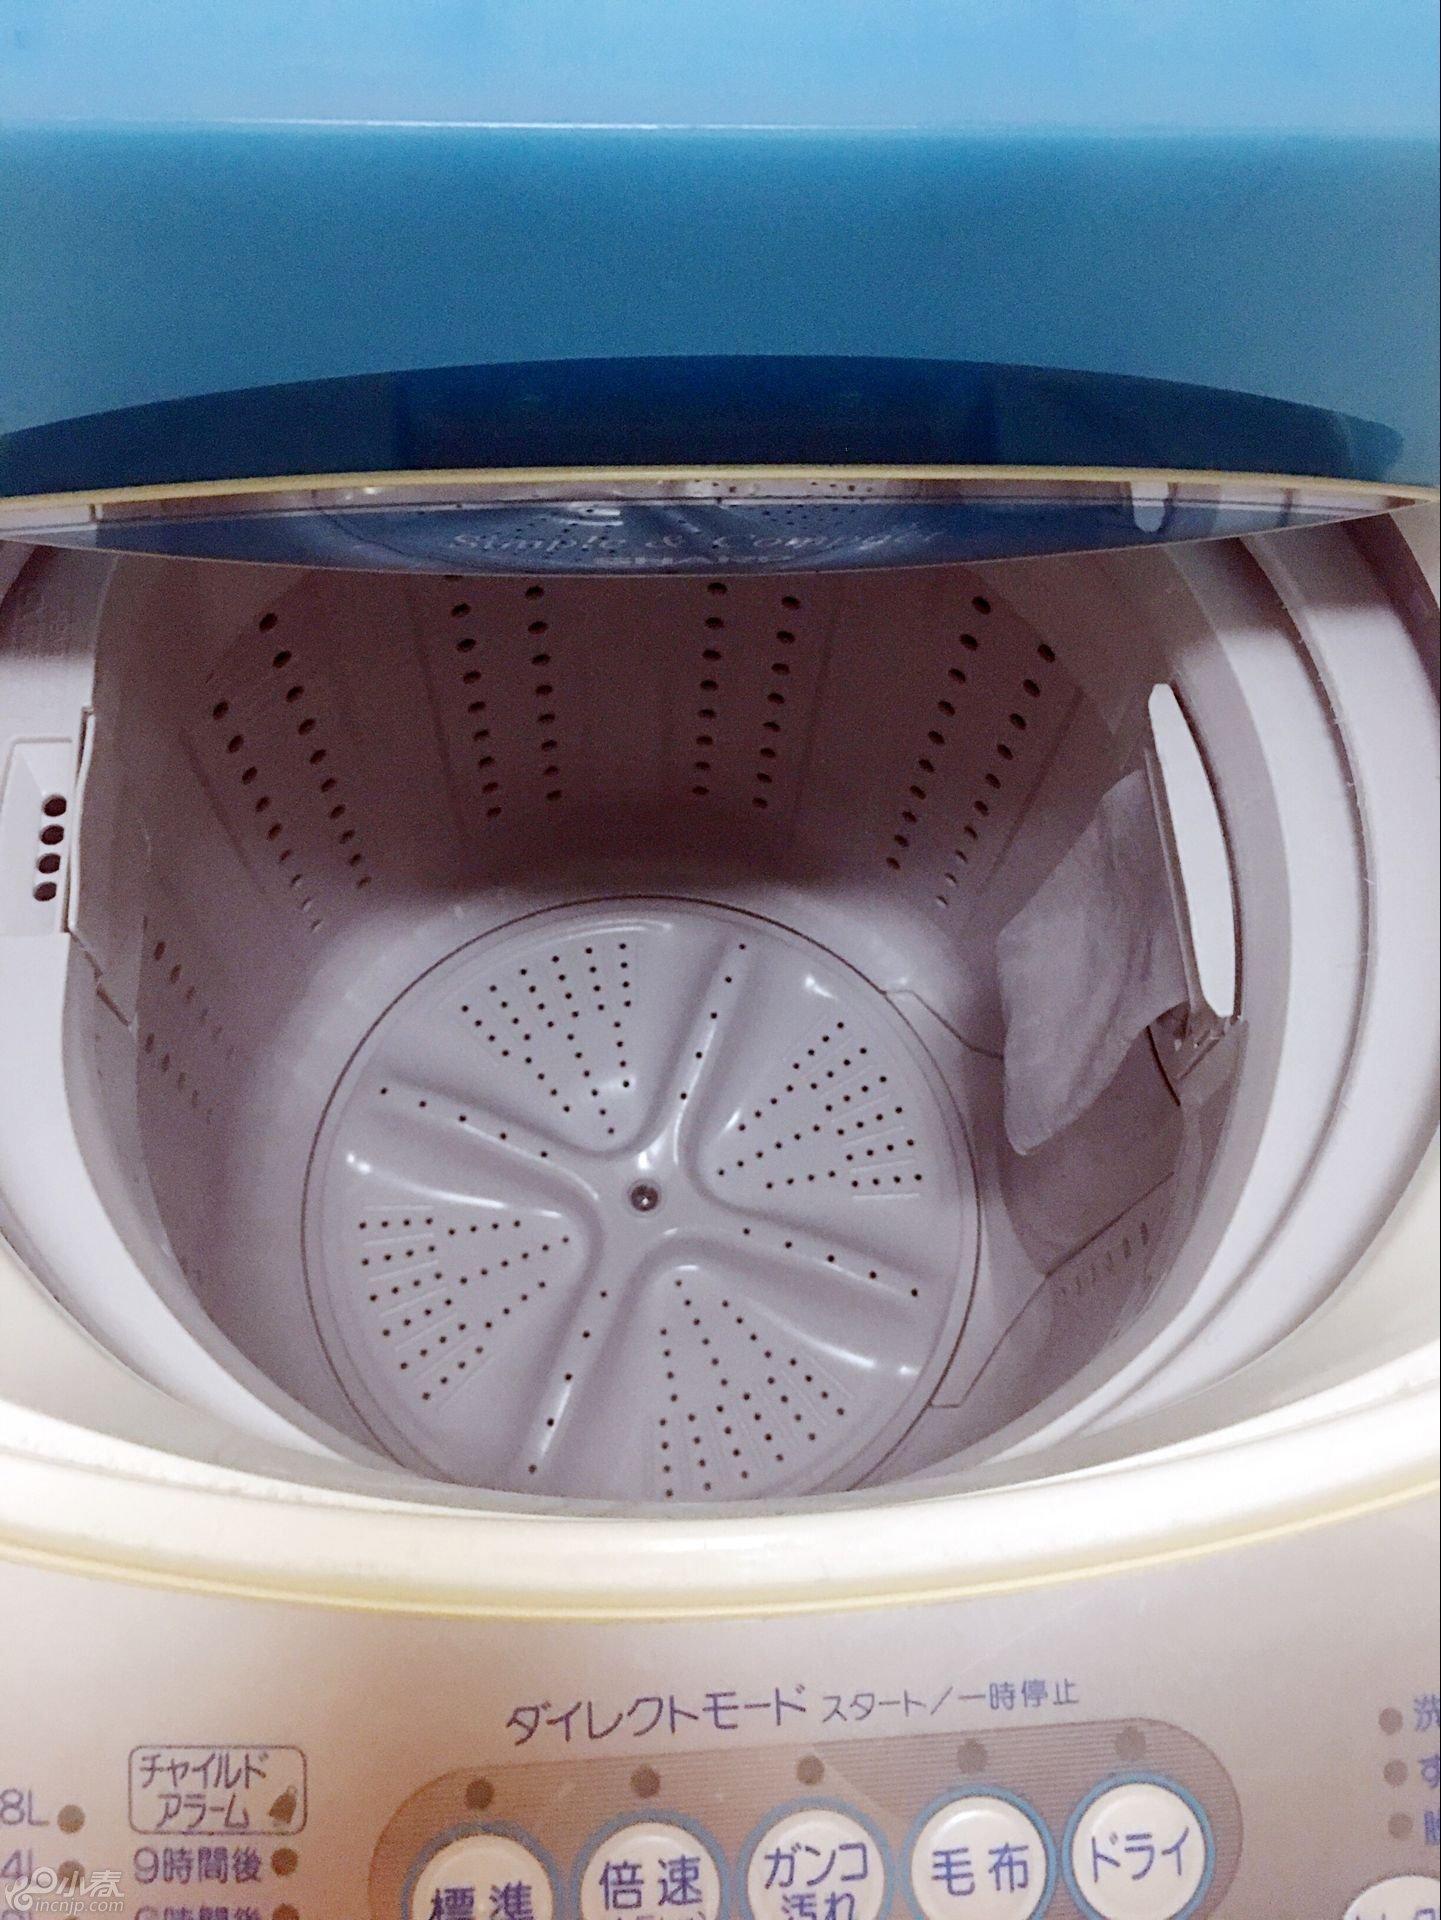 洗衣机1.jpg